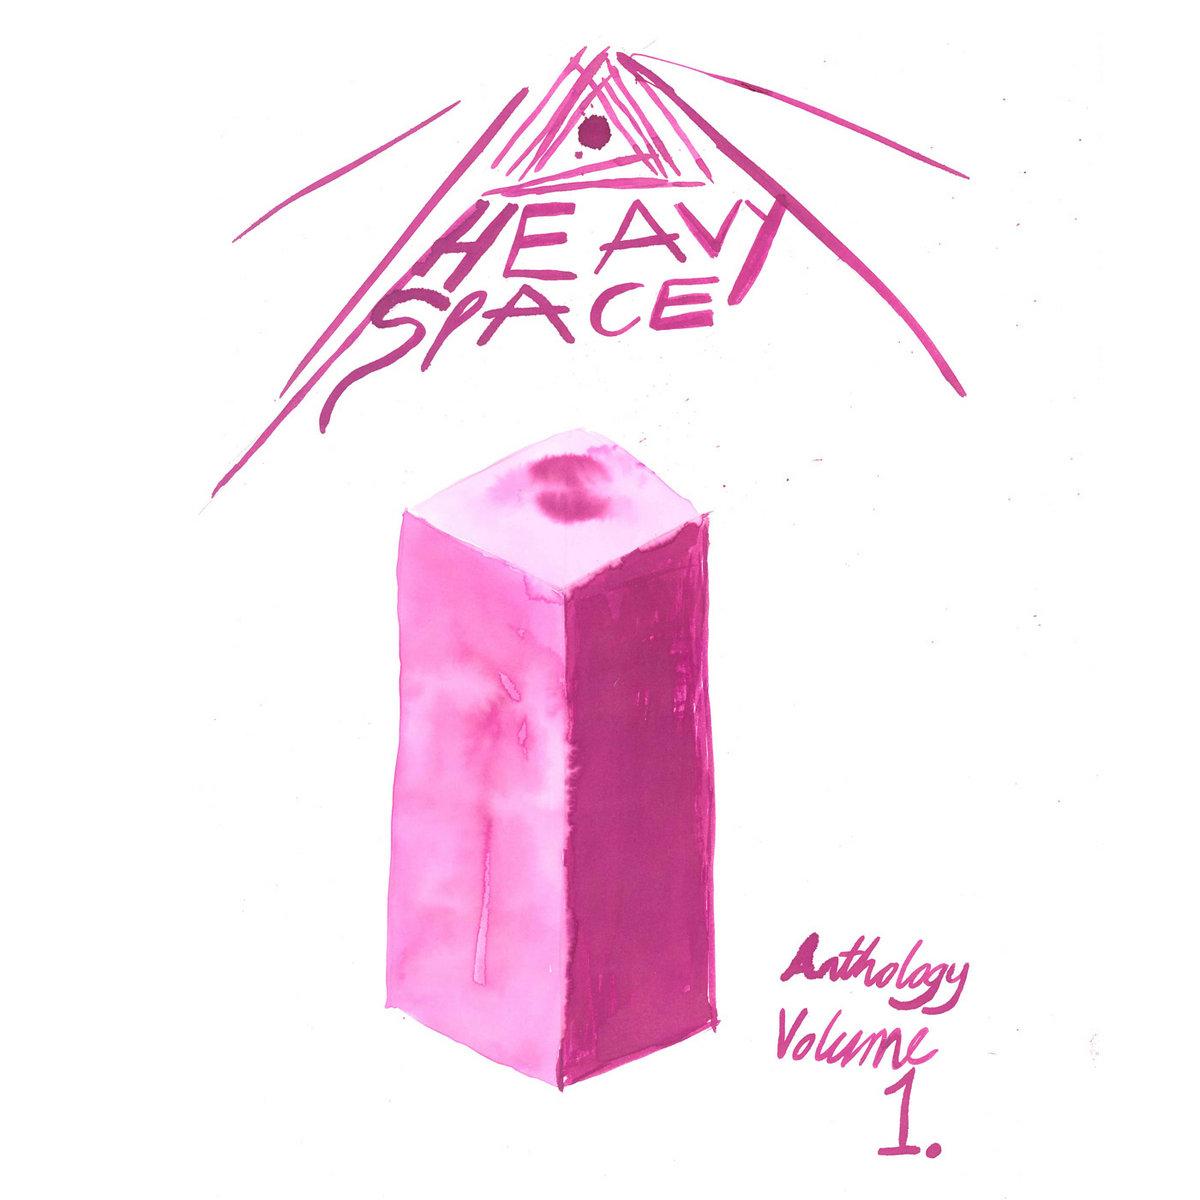 Heavy Space Records - Anthology Volume I   IKUISUUS